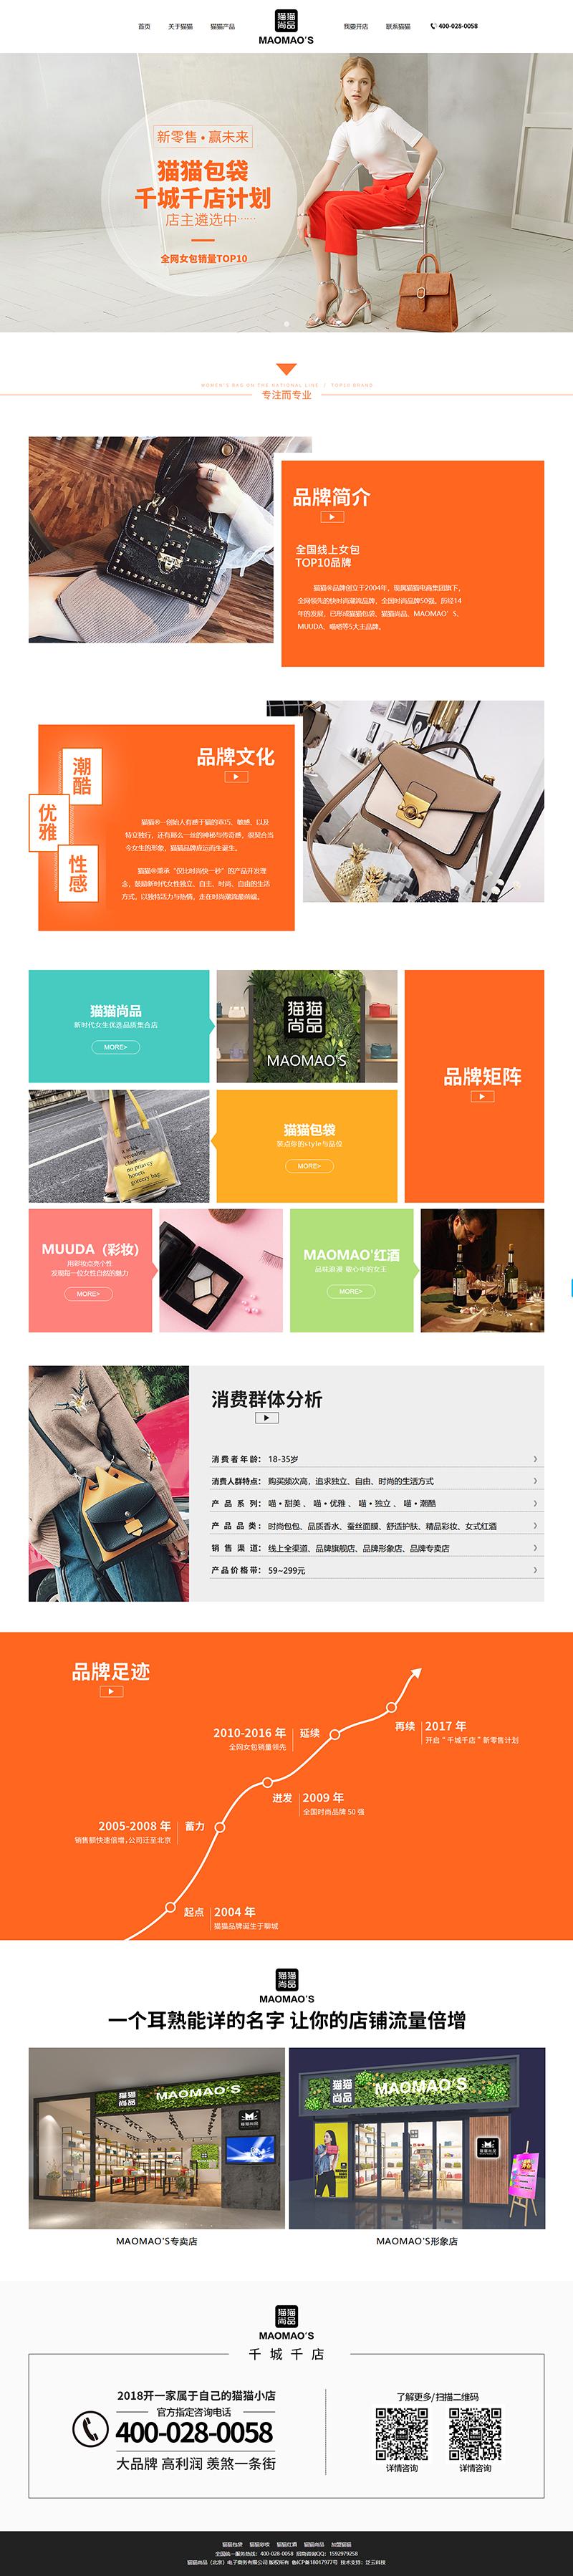 猫猫尚品-北京电子商务有限公司